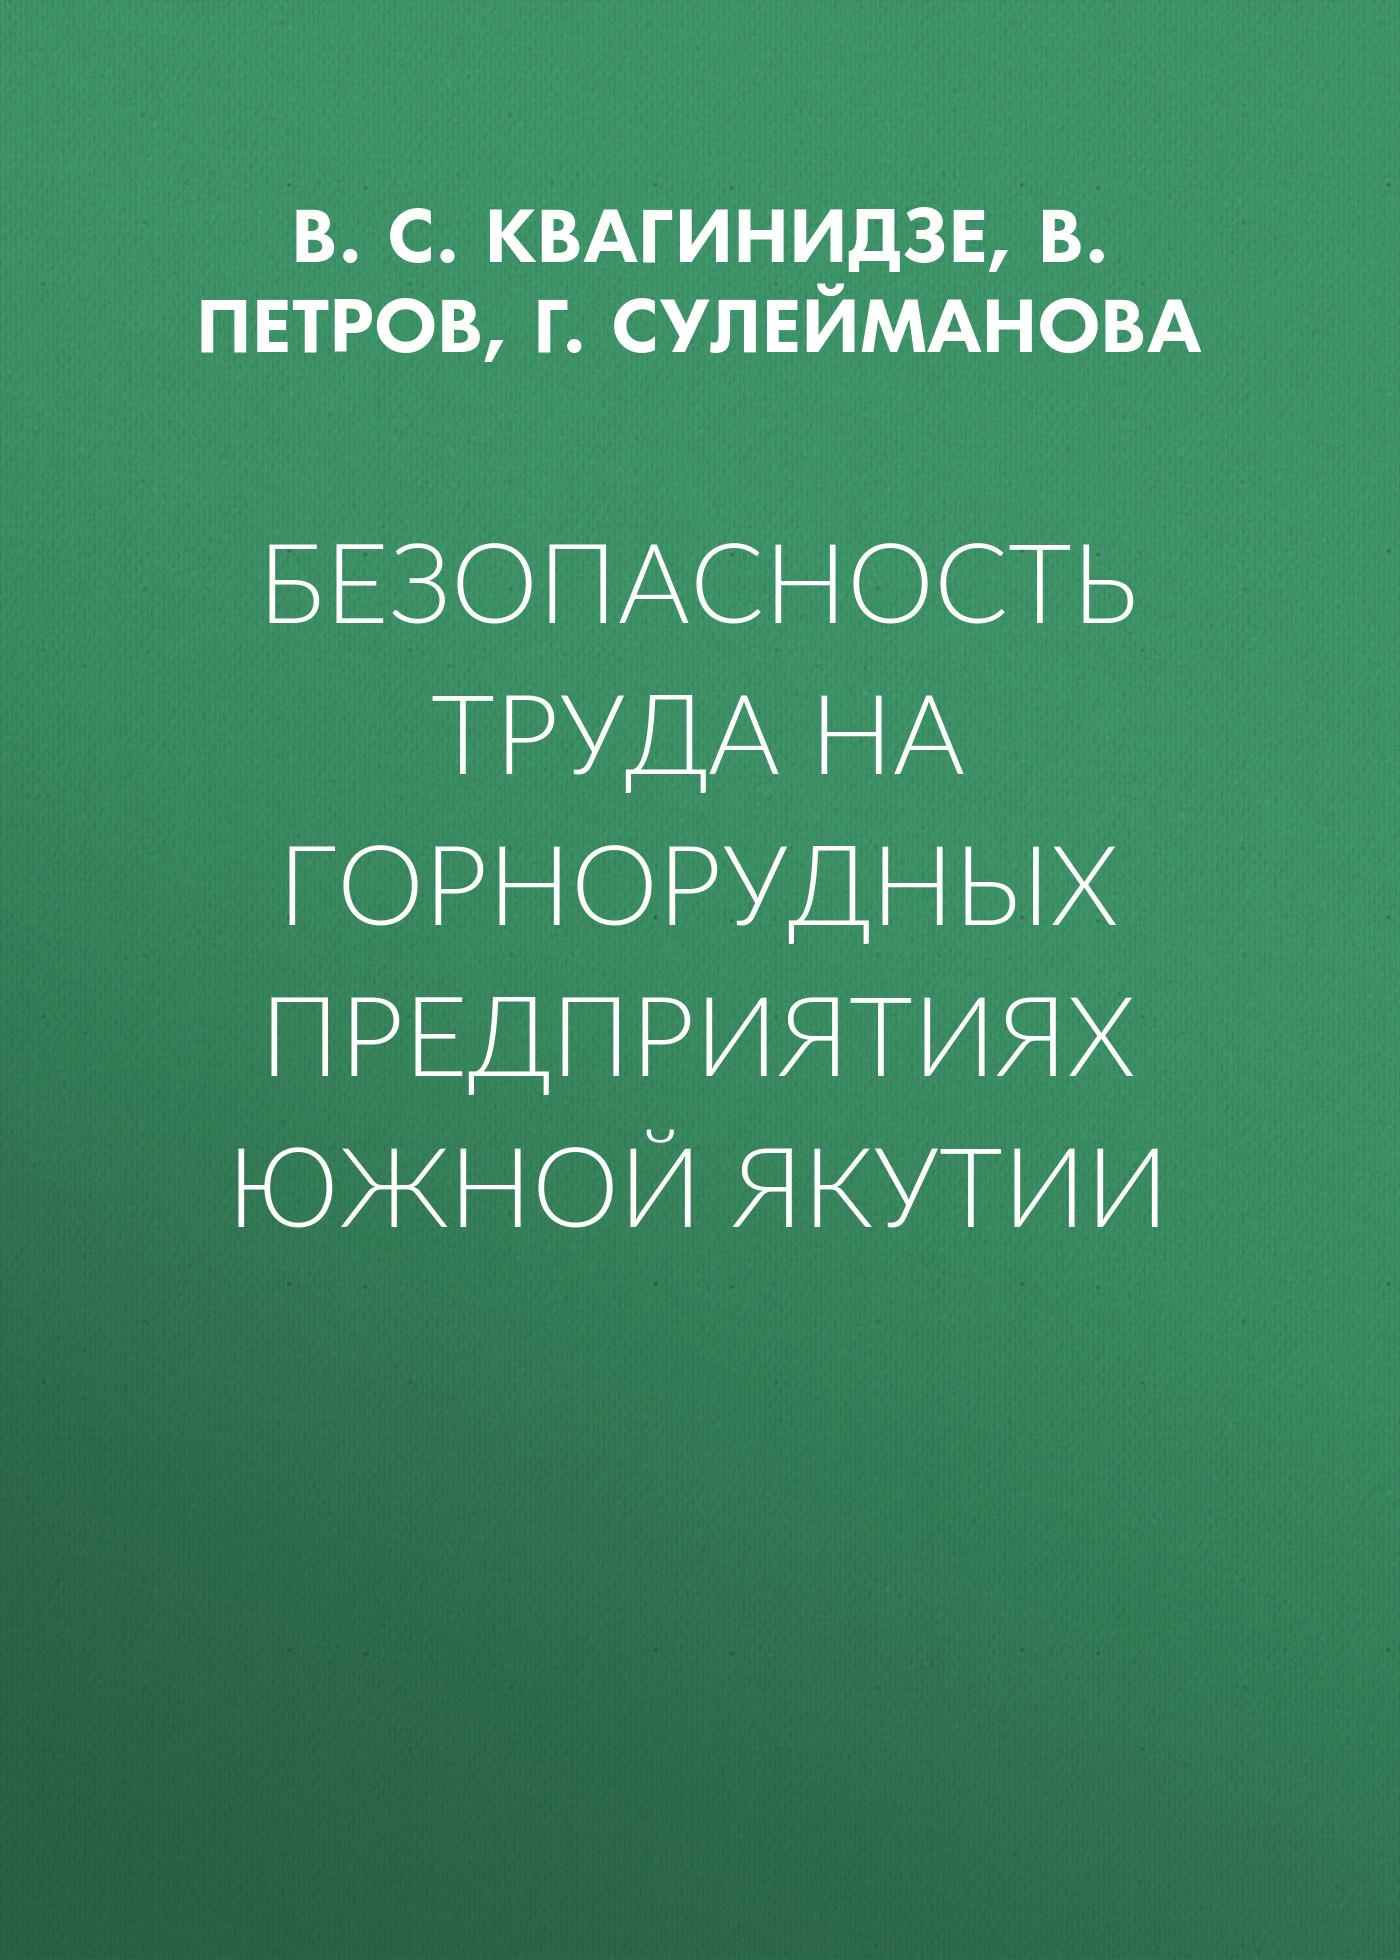 В. С. Квагинидзе Безопасность труда на горнорудных предприятиях Южной Якутии в а косьянов методические основы формирования горно металлургического кластера в южной якутии